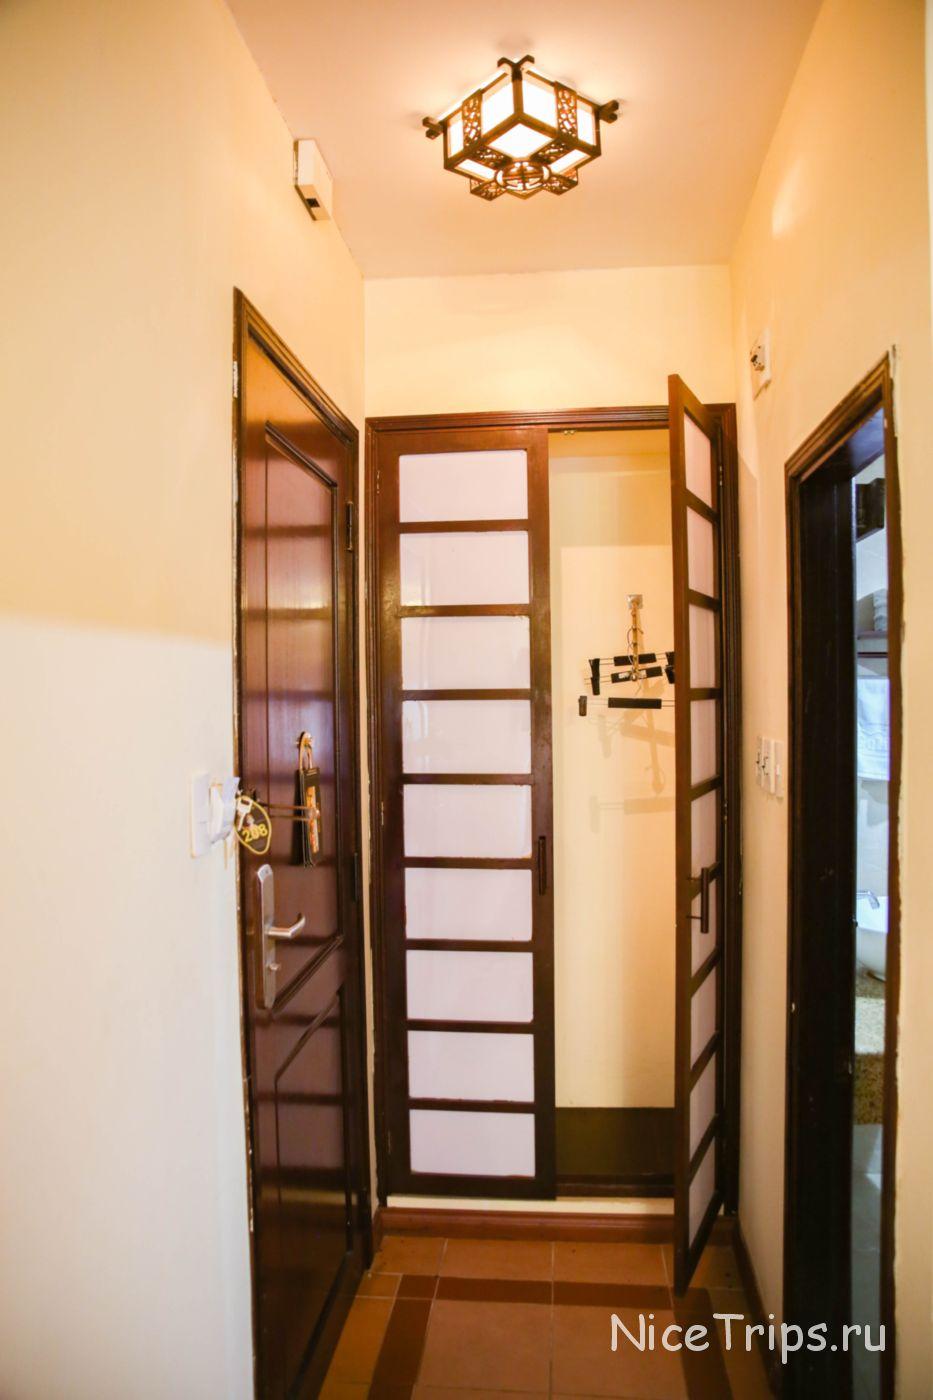 встроенный шкаф в отеле Gold Coast